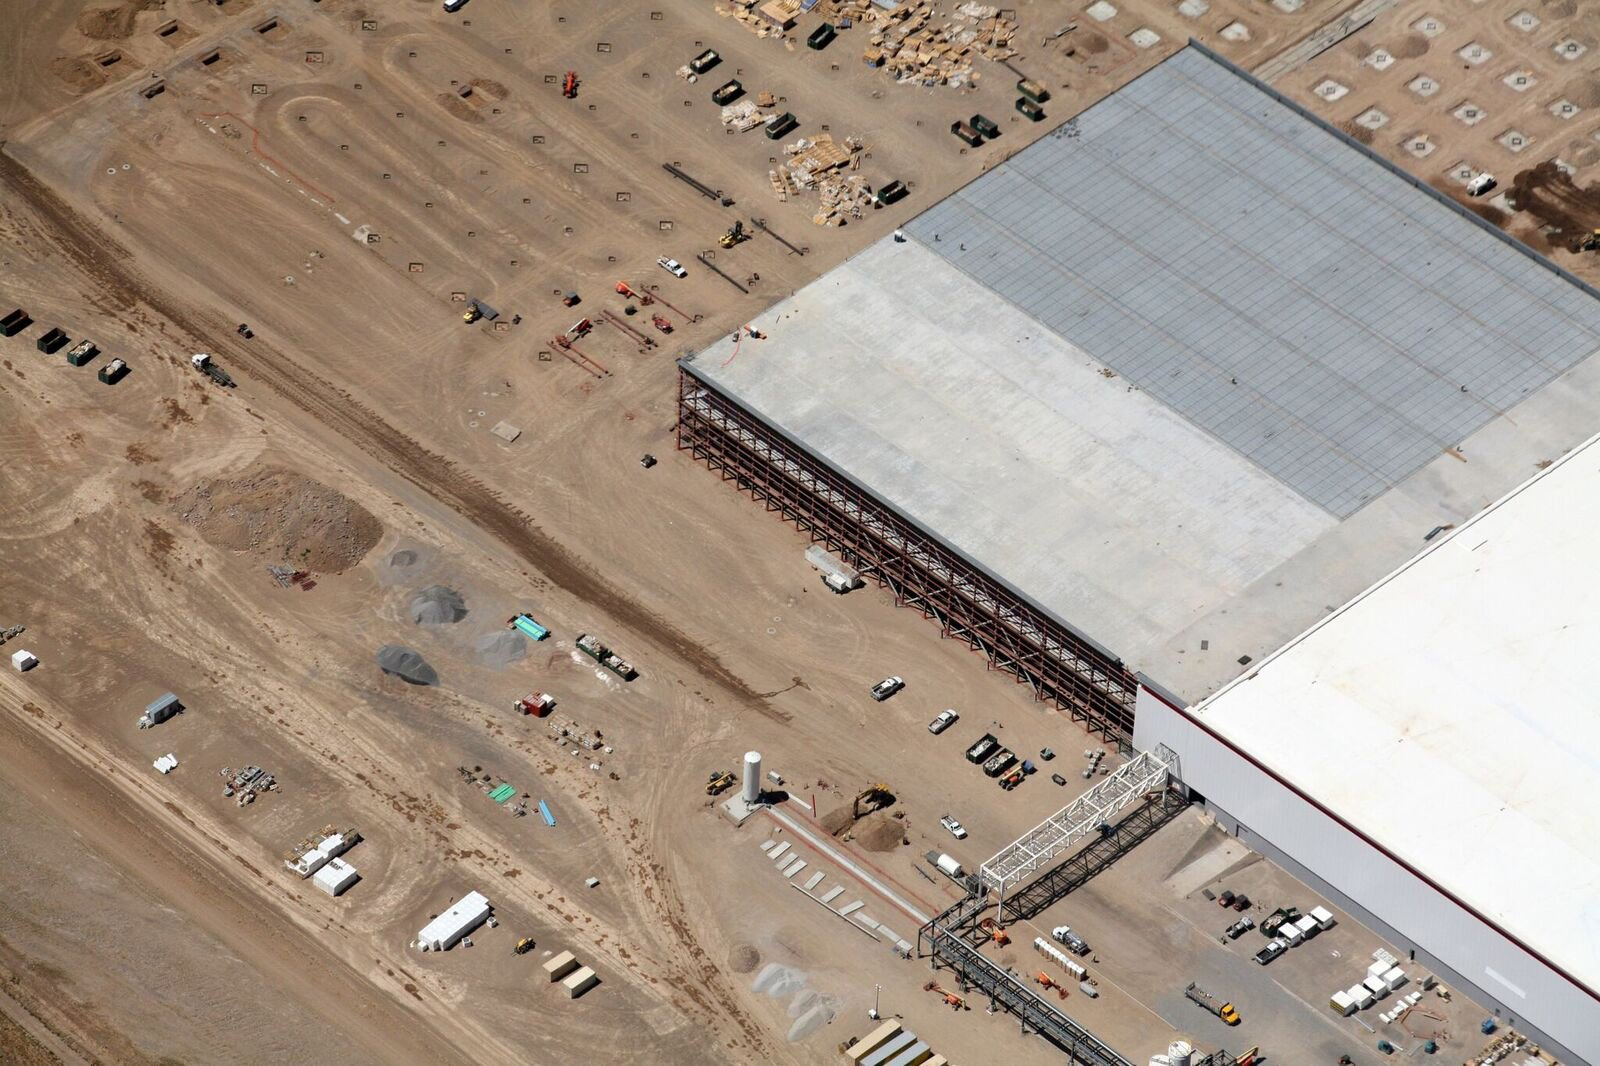 Im gerade fertiggestellten ersten Bauabschnitt der Tesla-Gigafactory werden die so genannten Powerwall-Akkus hergestellt. Das sind Akkus für Zuhause, in denen sich Solarenergie lokal speichern lässt.